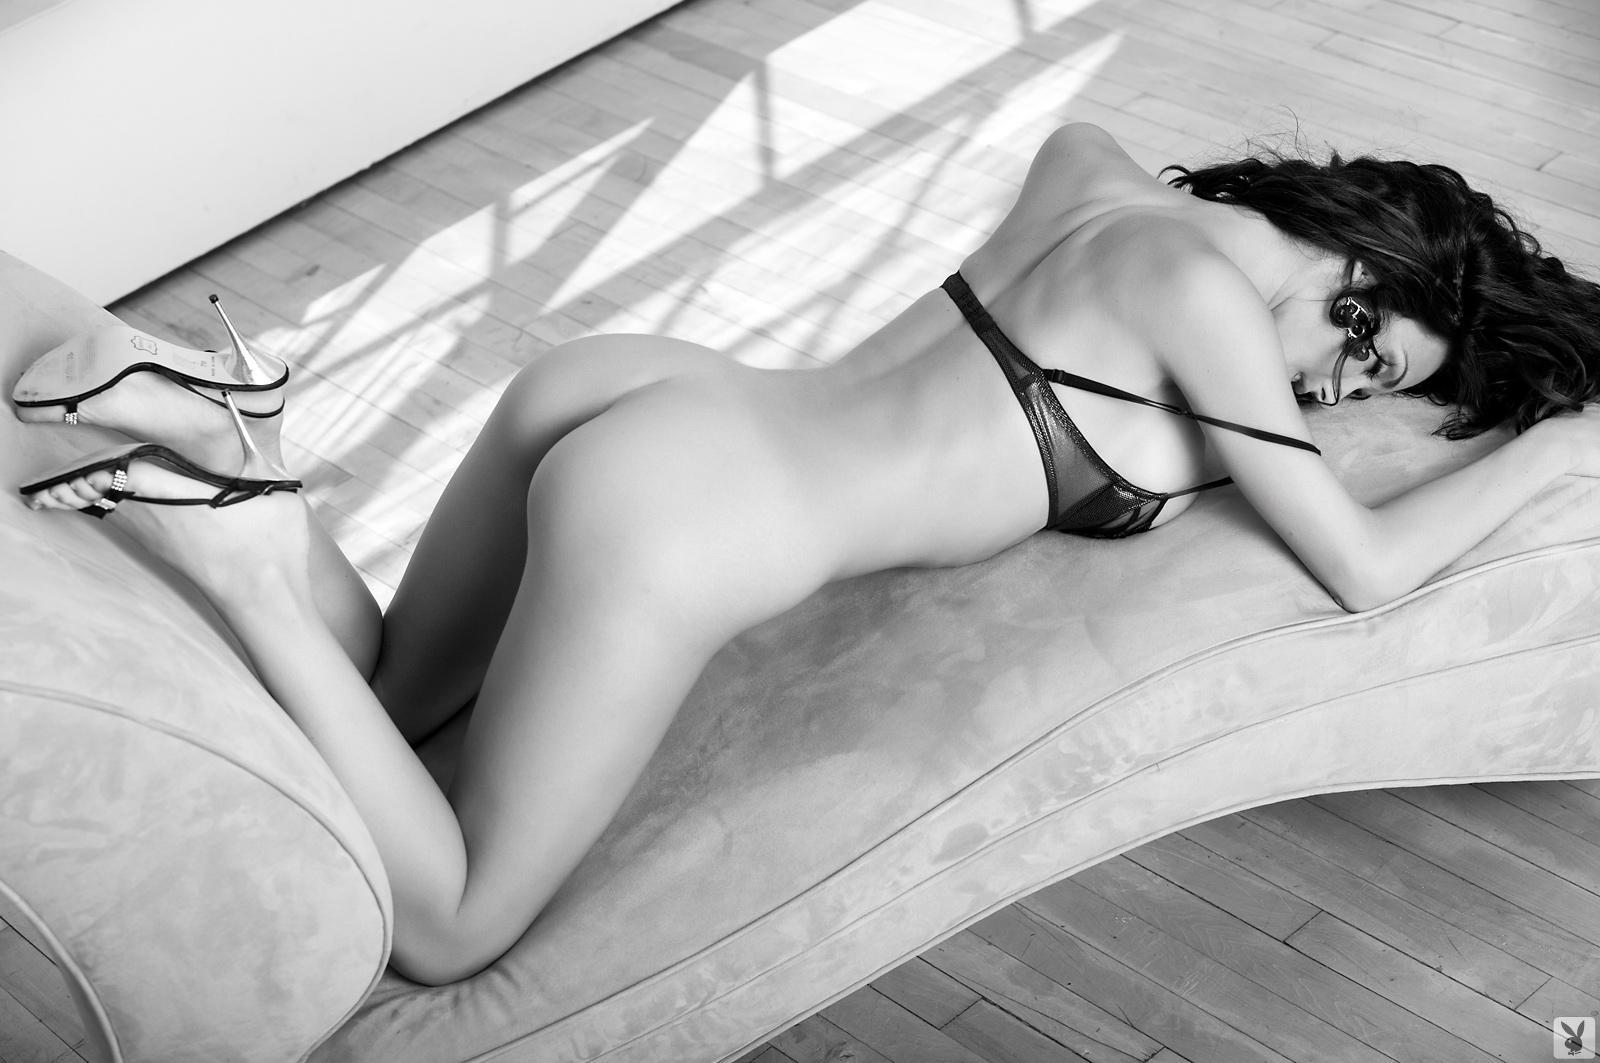 Nackt klee x art fotos susie